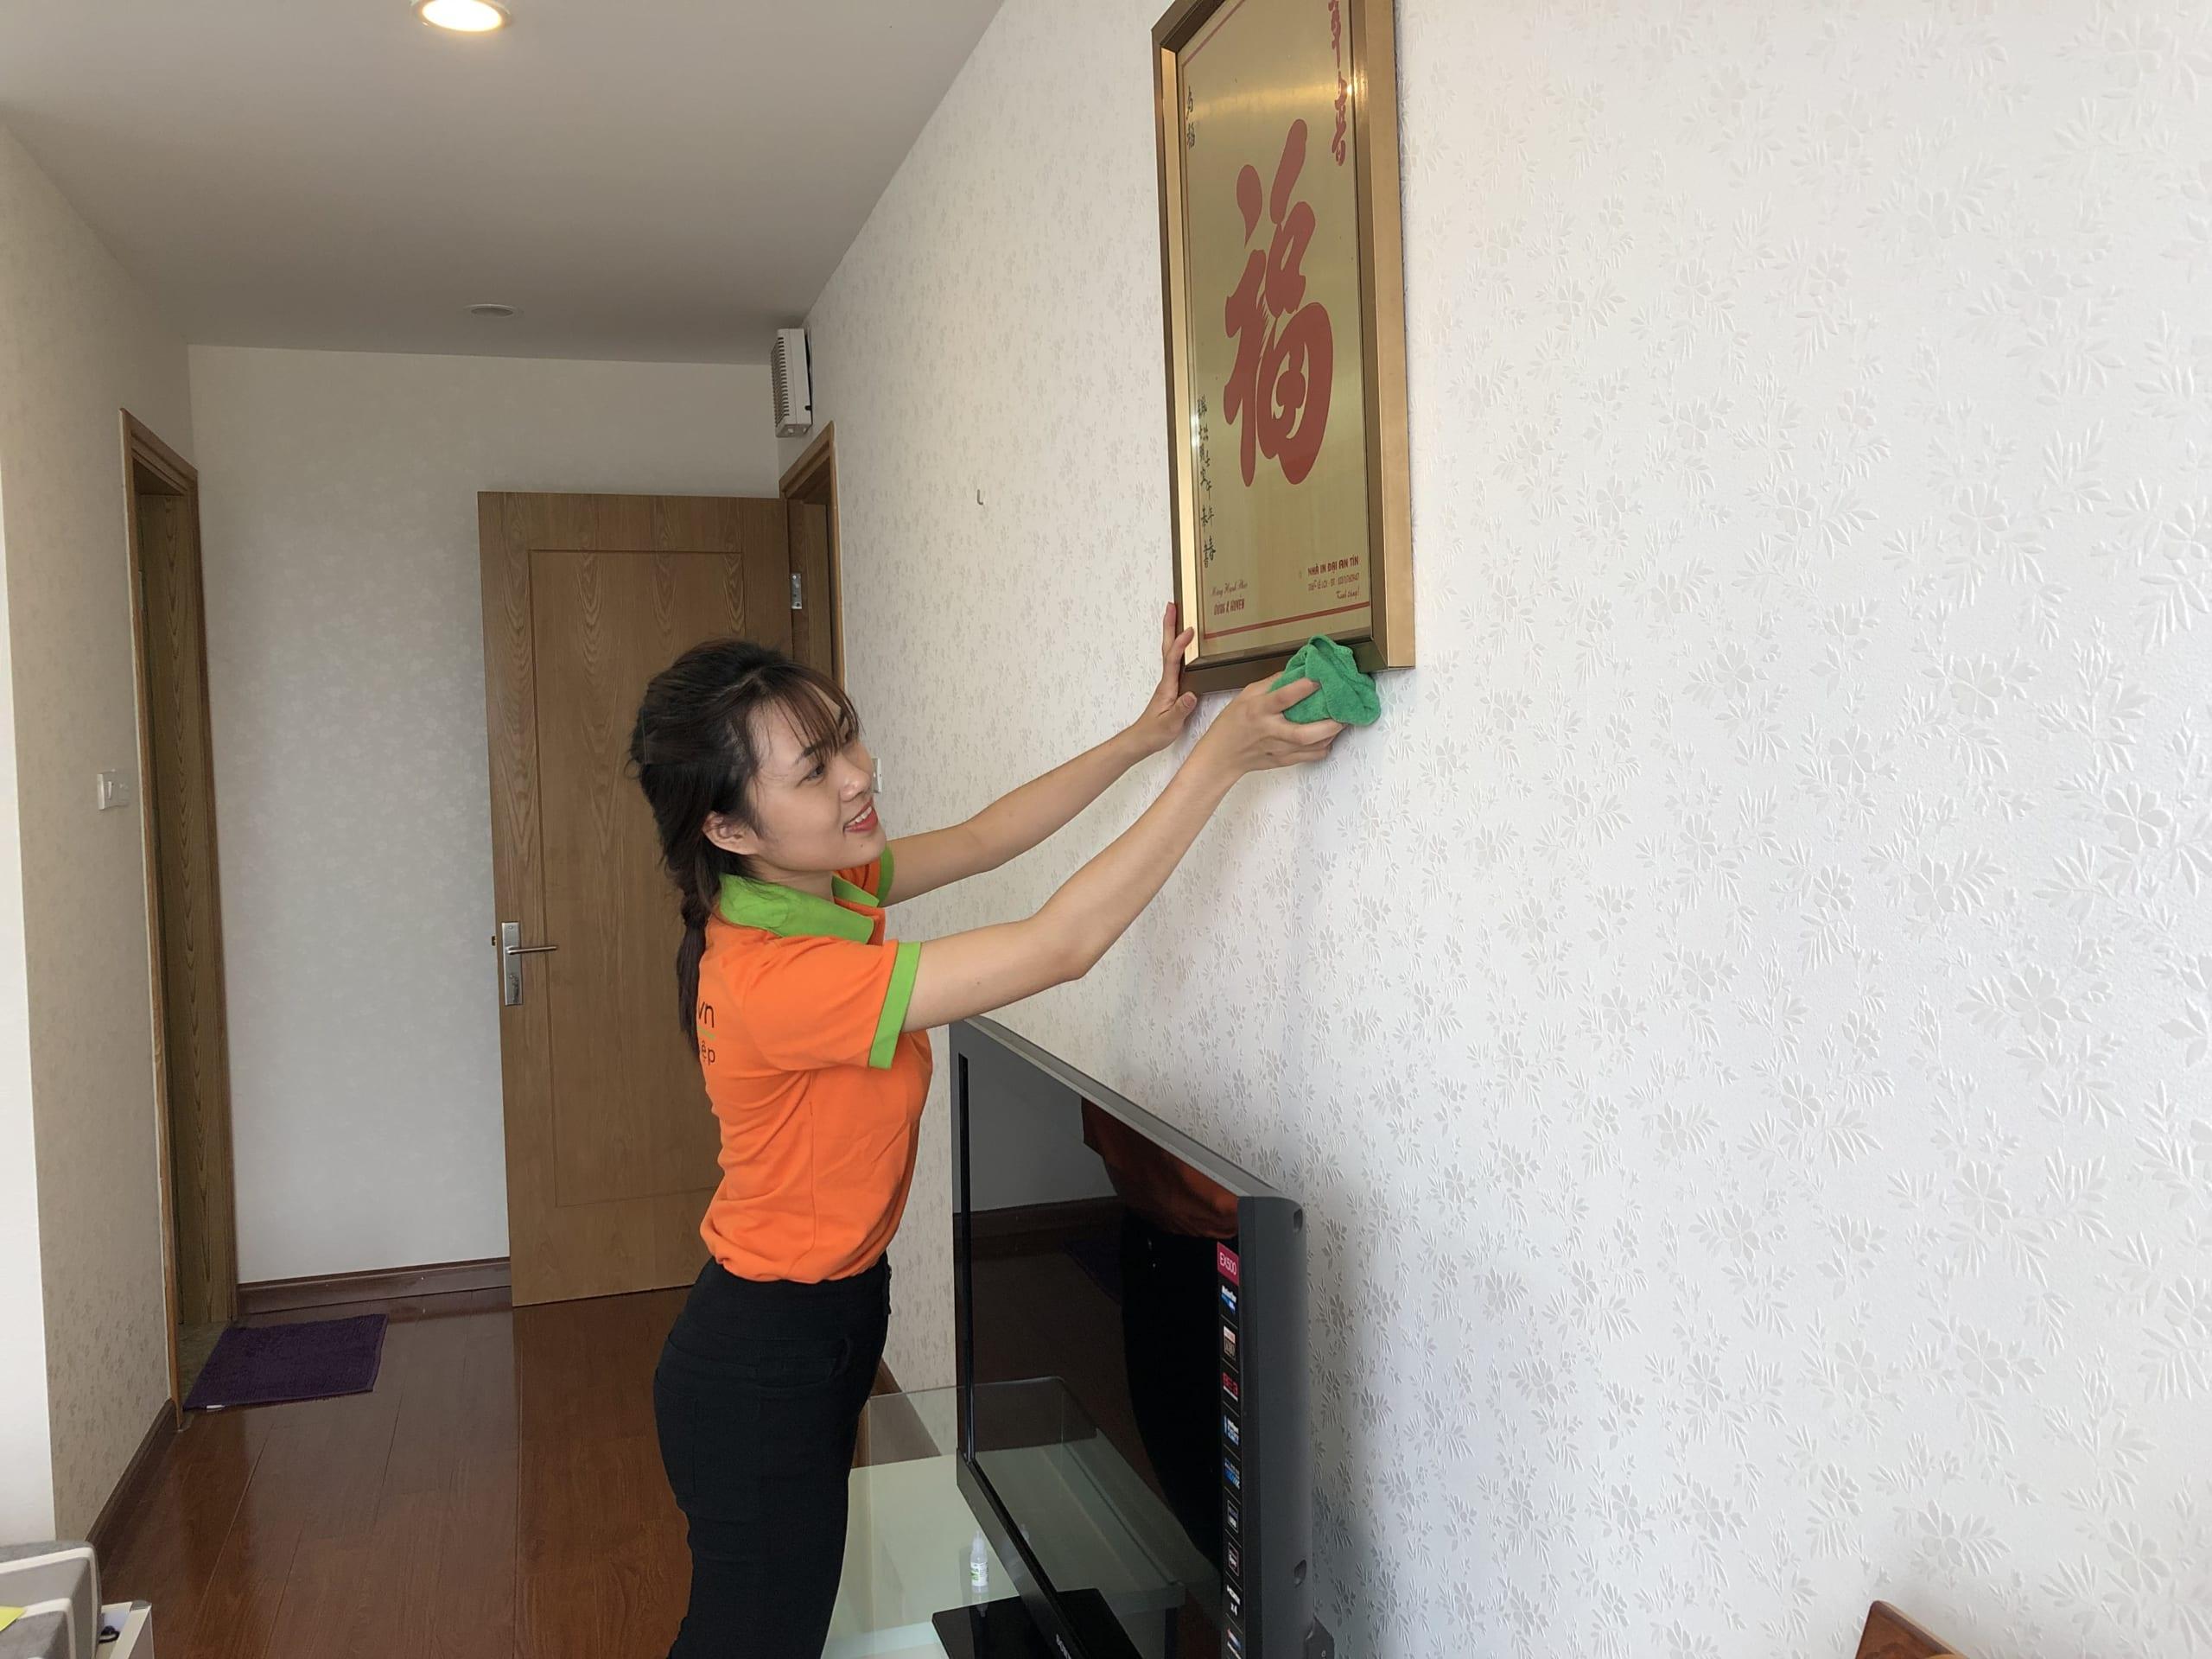 Dịch vụ dọn dẹp nhà cửa Hà Nội